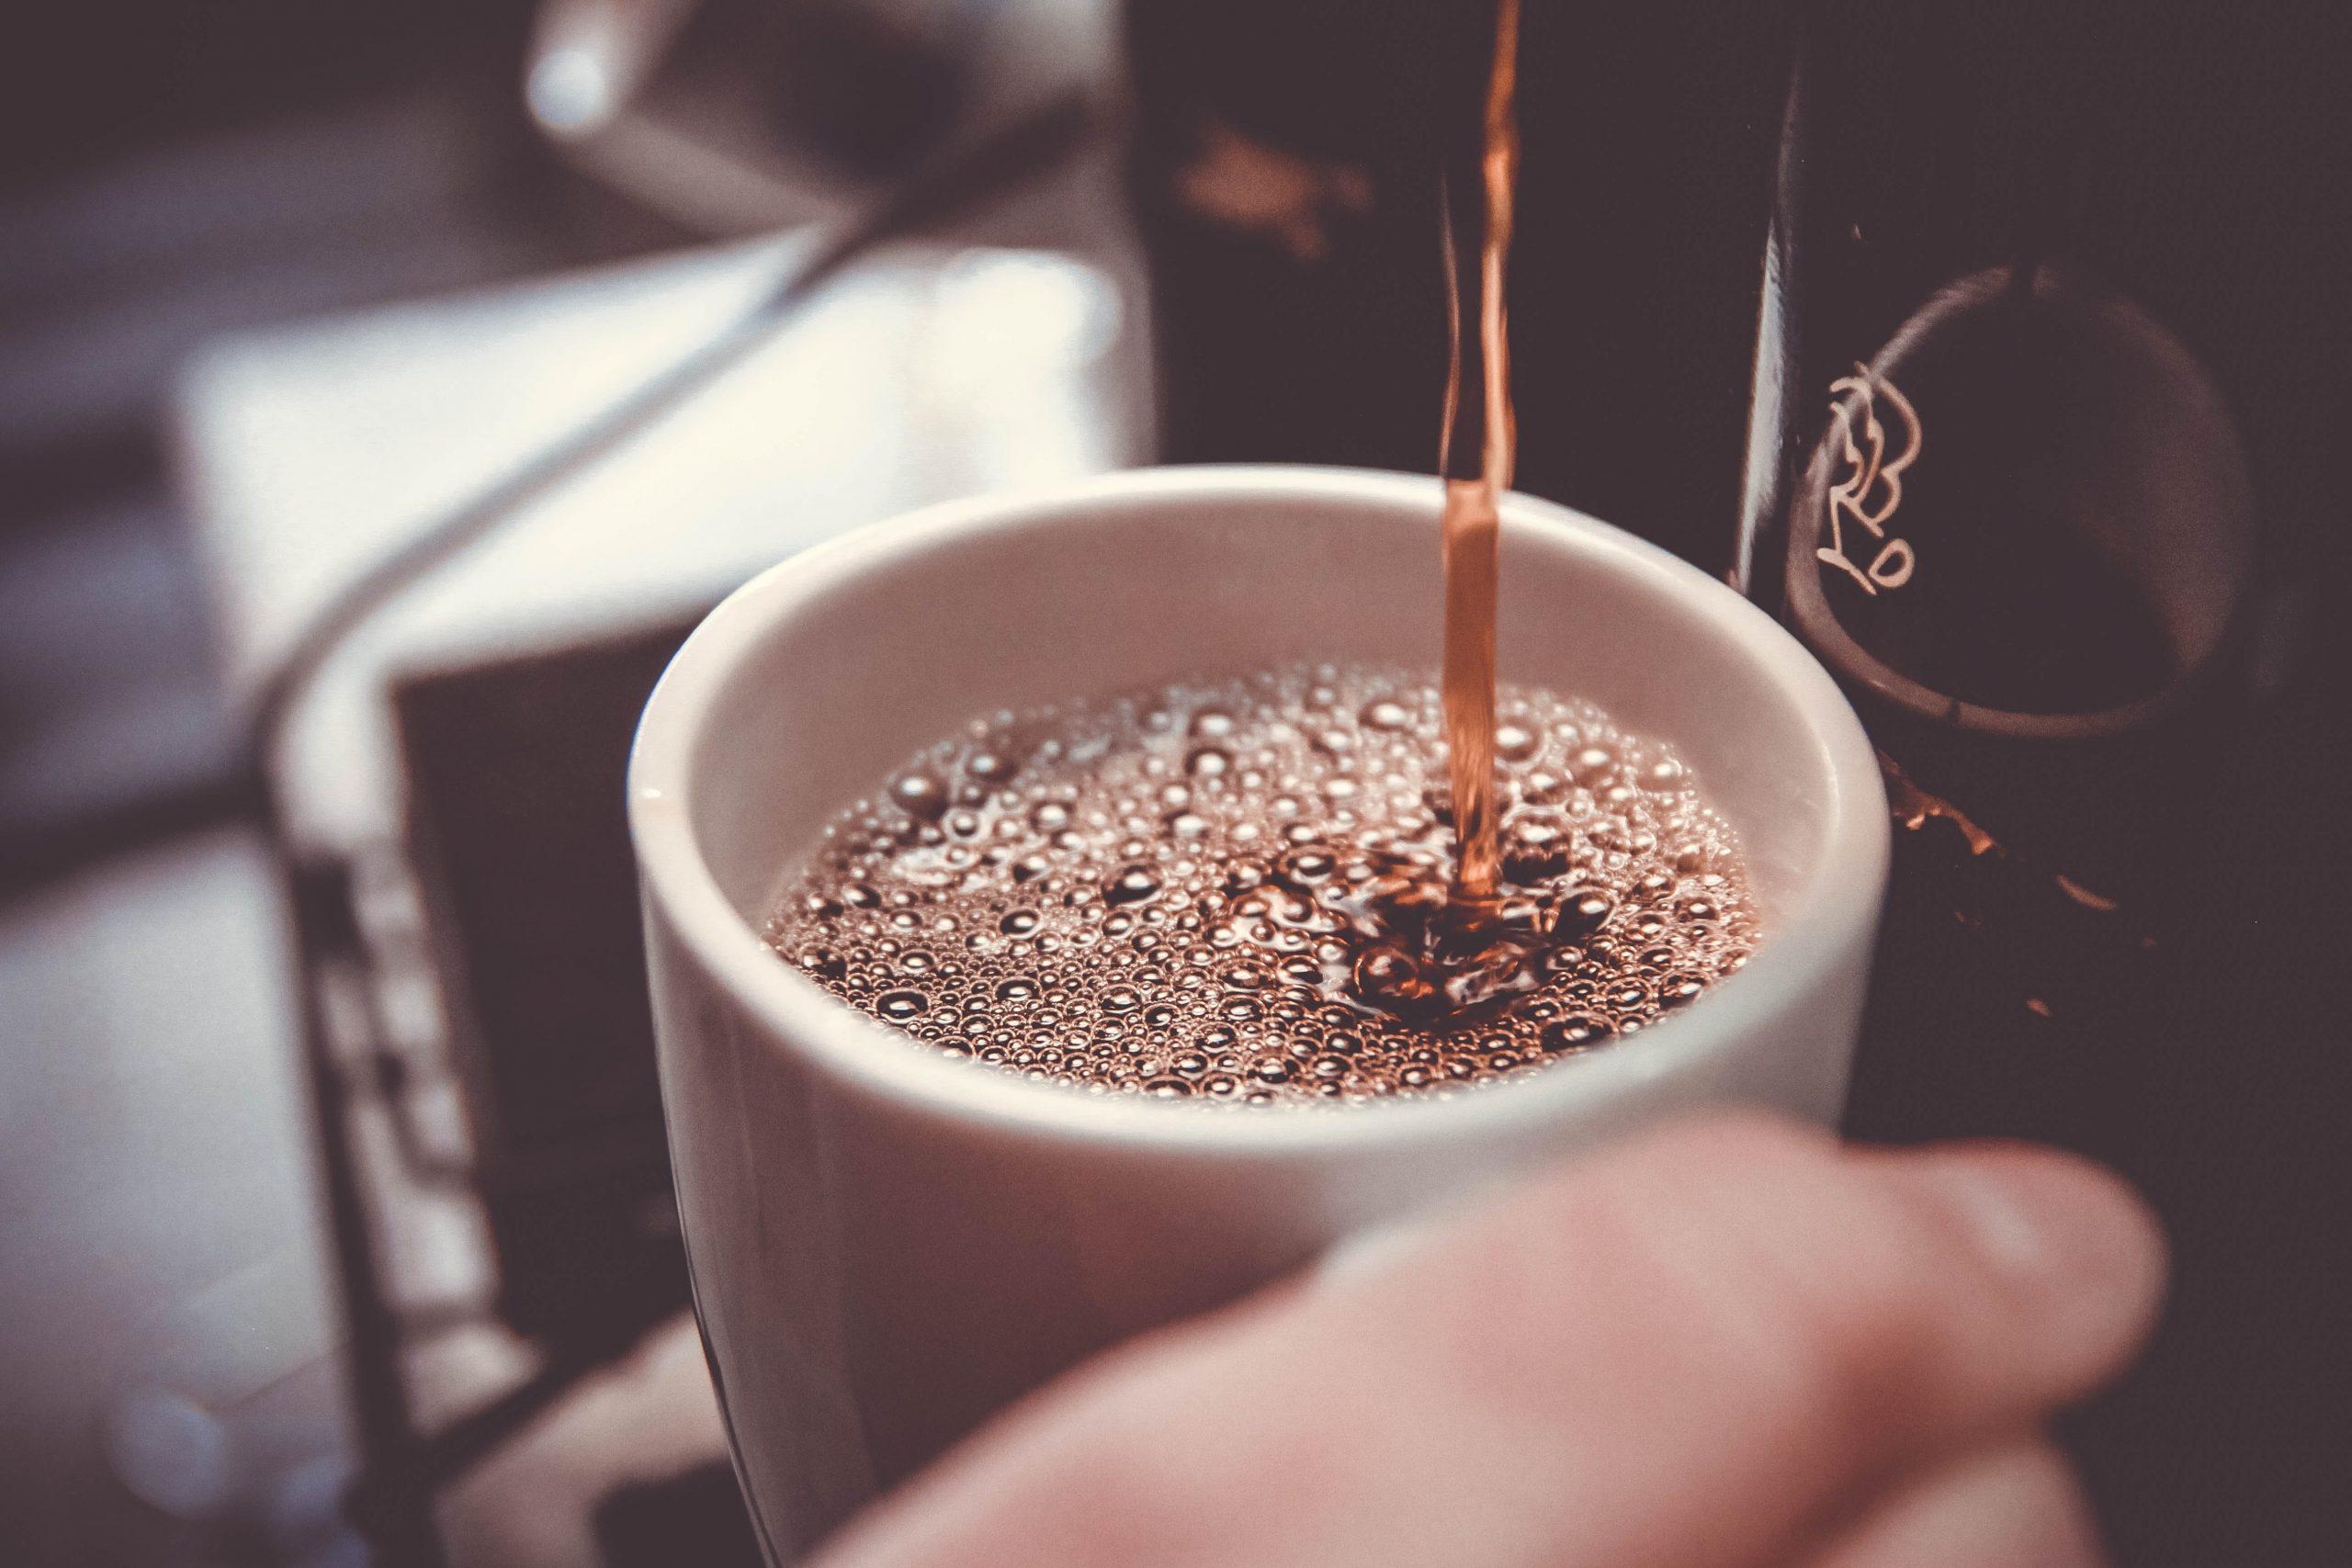 Na foto uma pessoa segurando uma xícara de café em uma cafeteira.